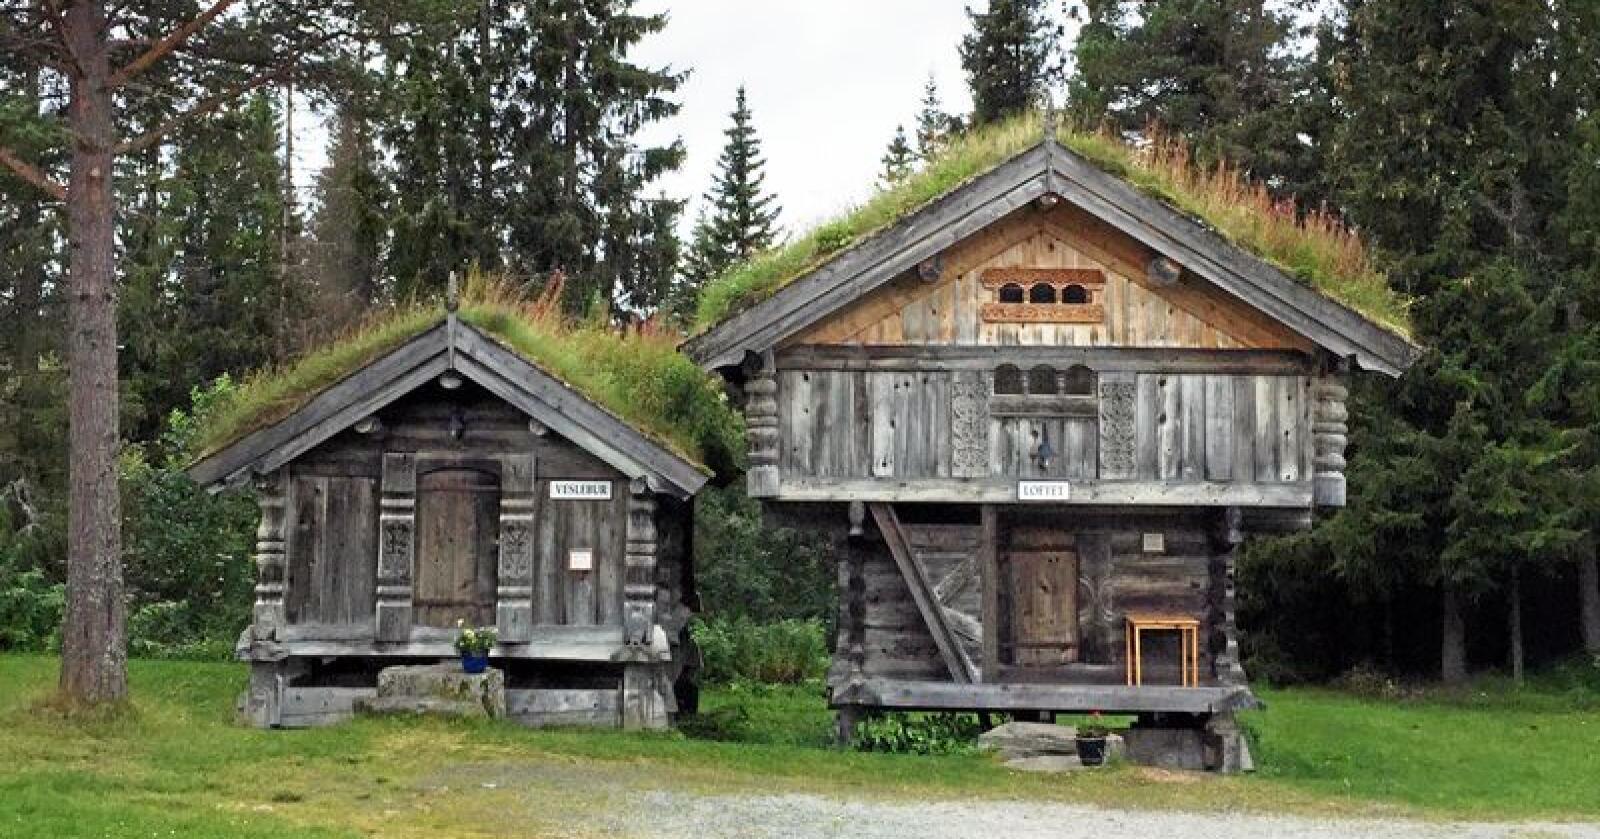 Staselige: Finnes det noe vakrere? Disse to stabburene, som er kopier av eldgamle bygg, befinner seg i Rauland i Telemark. Dette er norsk arkitektur og håndverk på sitt aller ypperste. Foto: Per Borglund